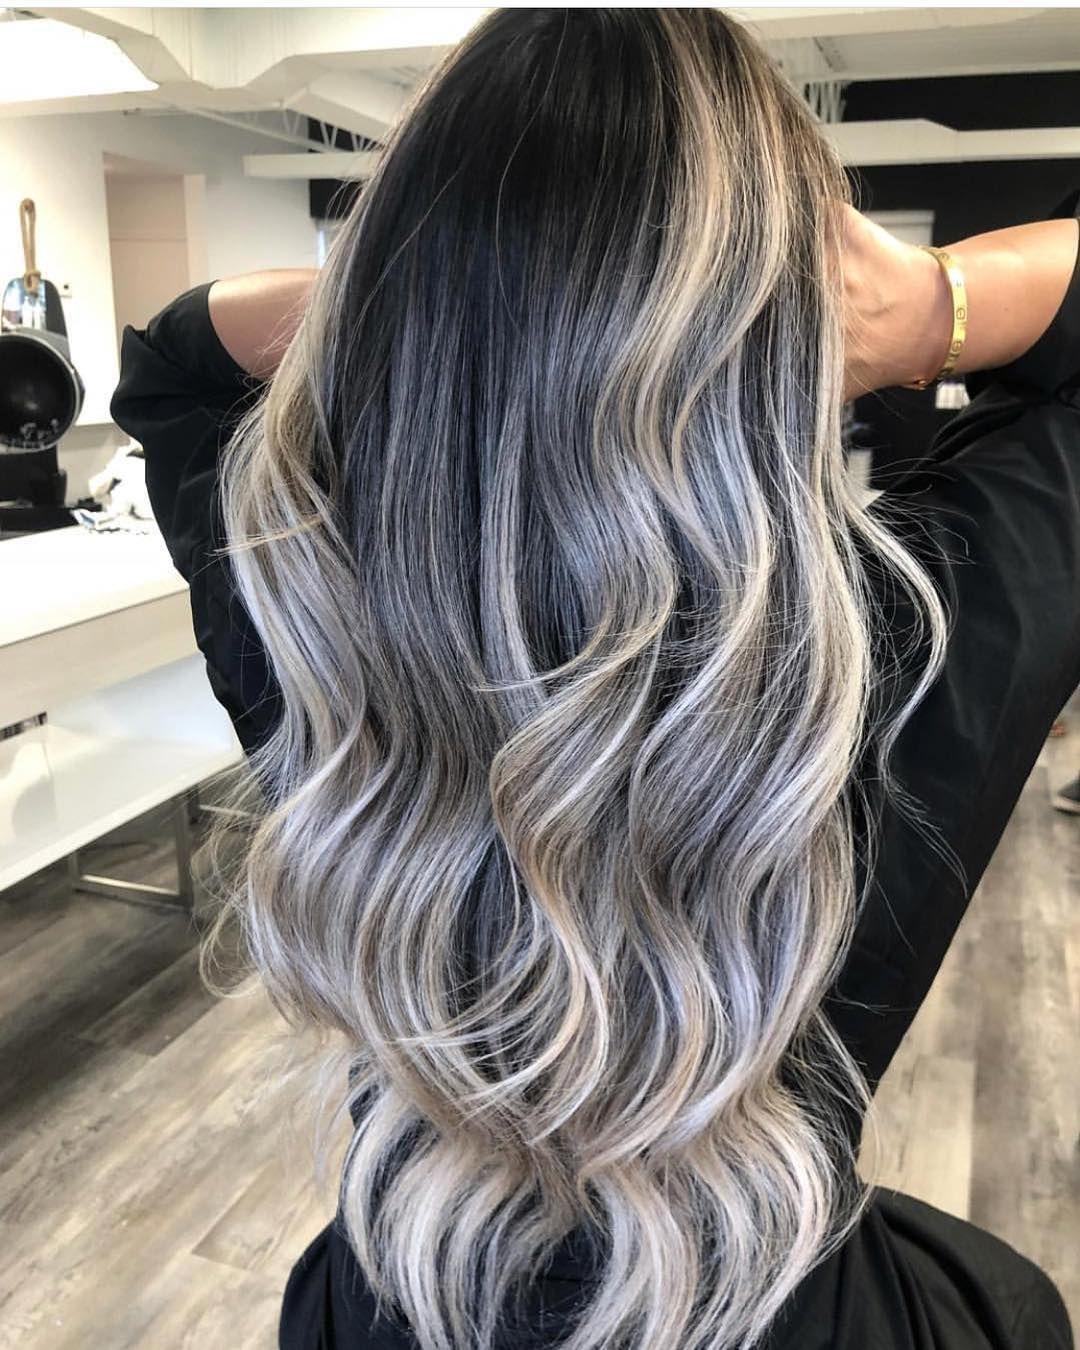 Balayage Beautiful Hair On Instagram Snow Caps By Dvcolour Bestofbalayage Showmethebalayage Natural Wavy Hair Balayage Hair Grey Balayage